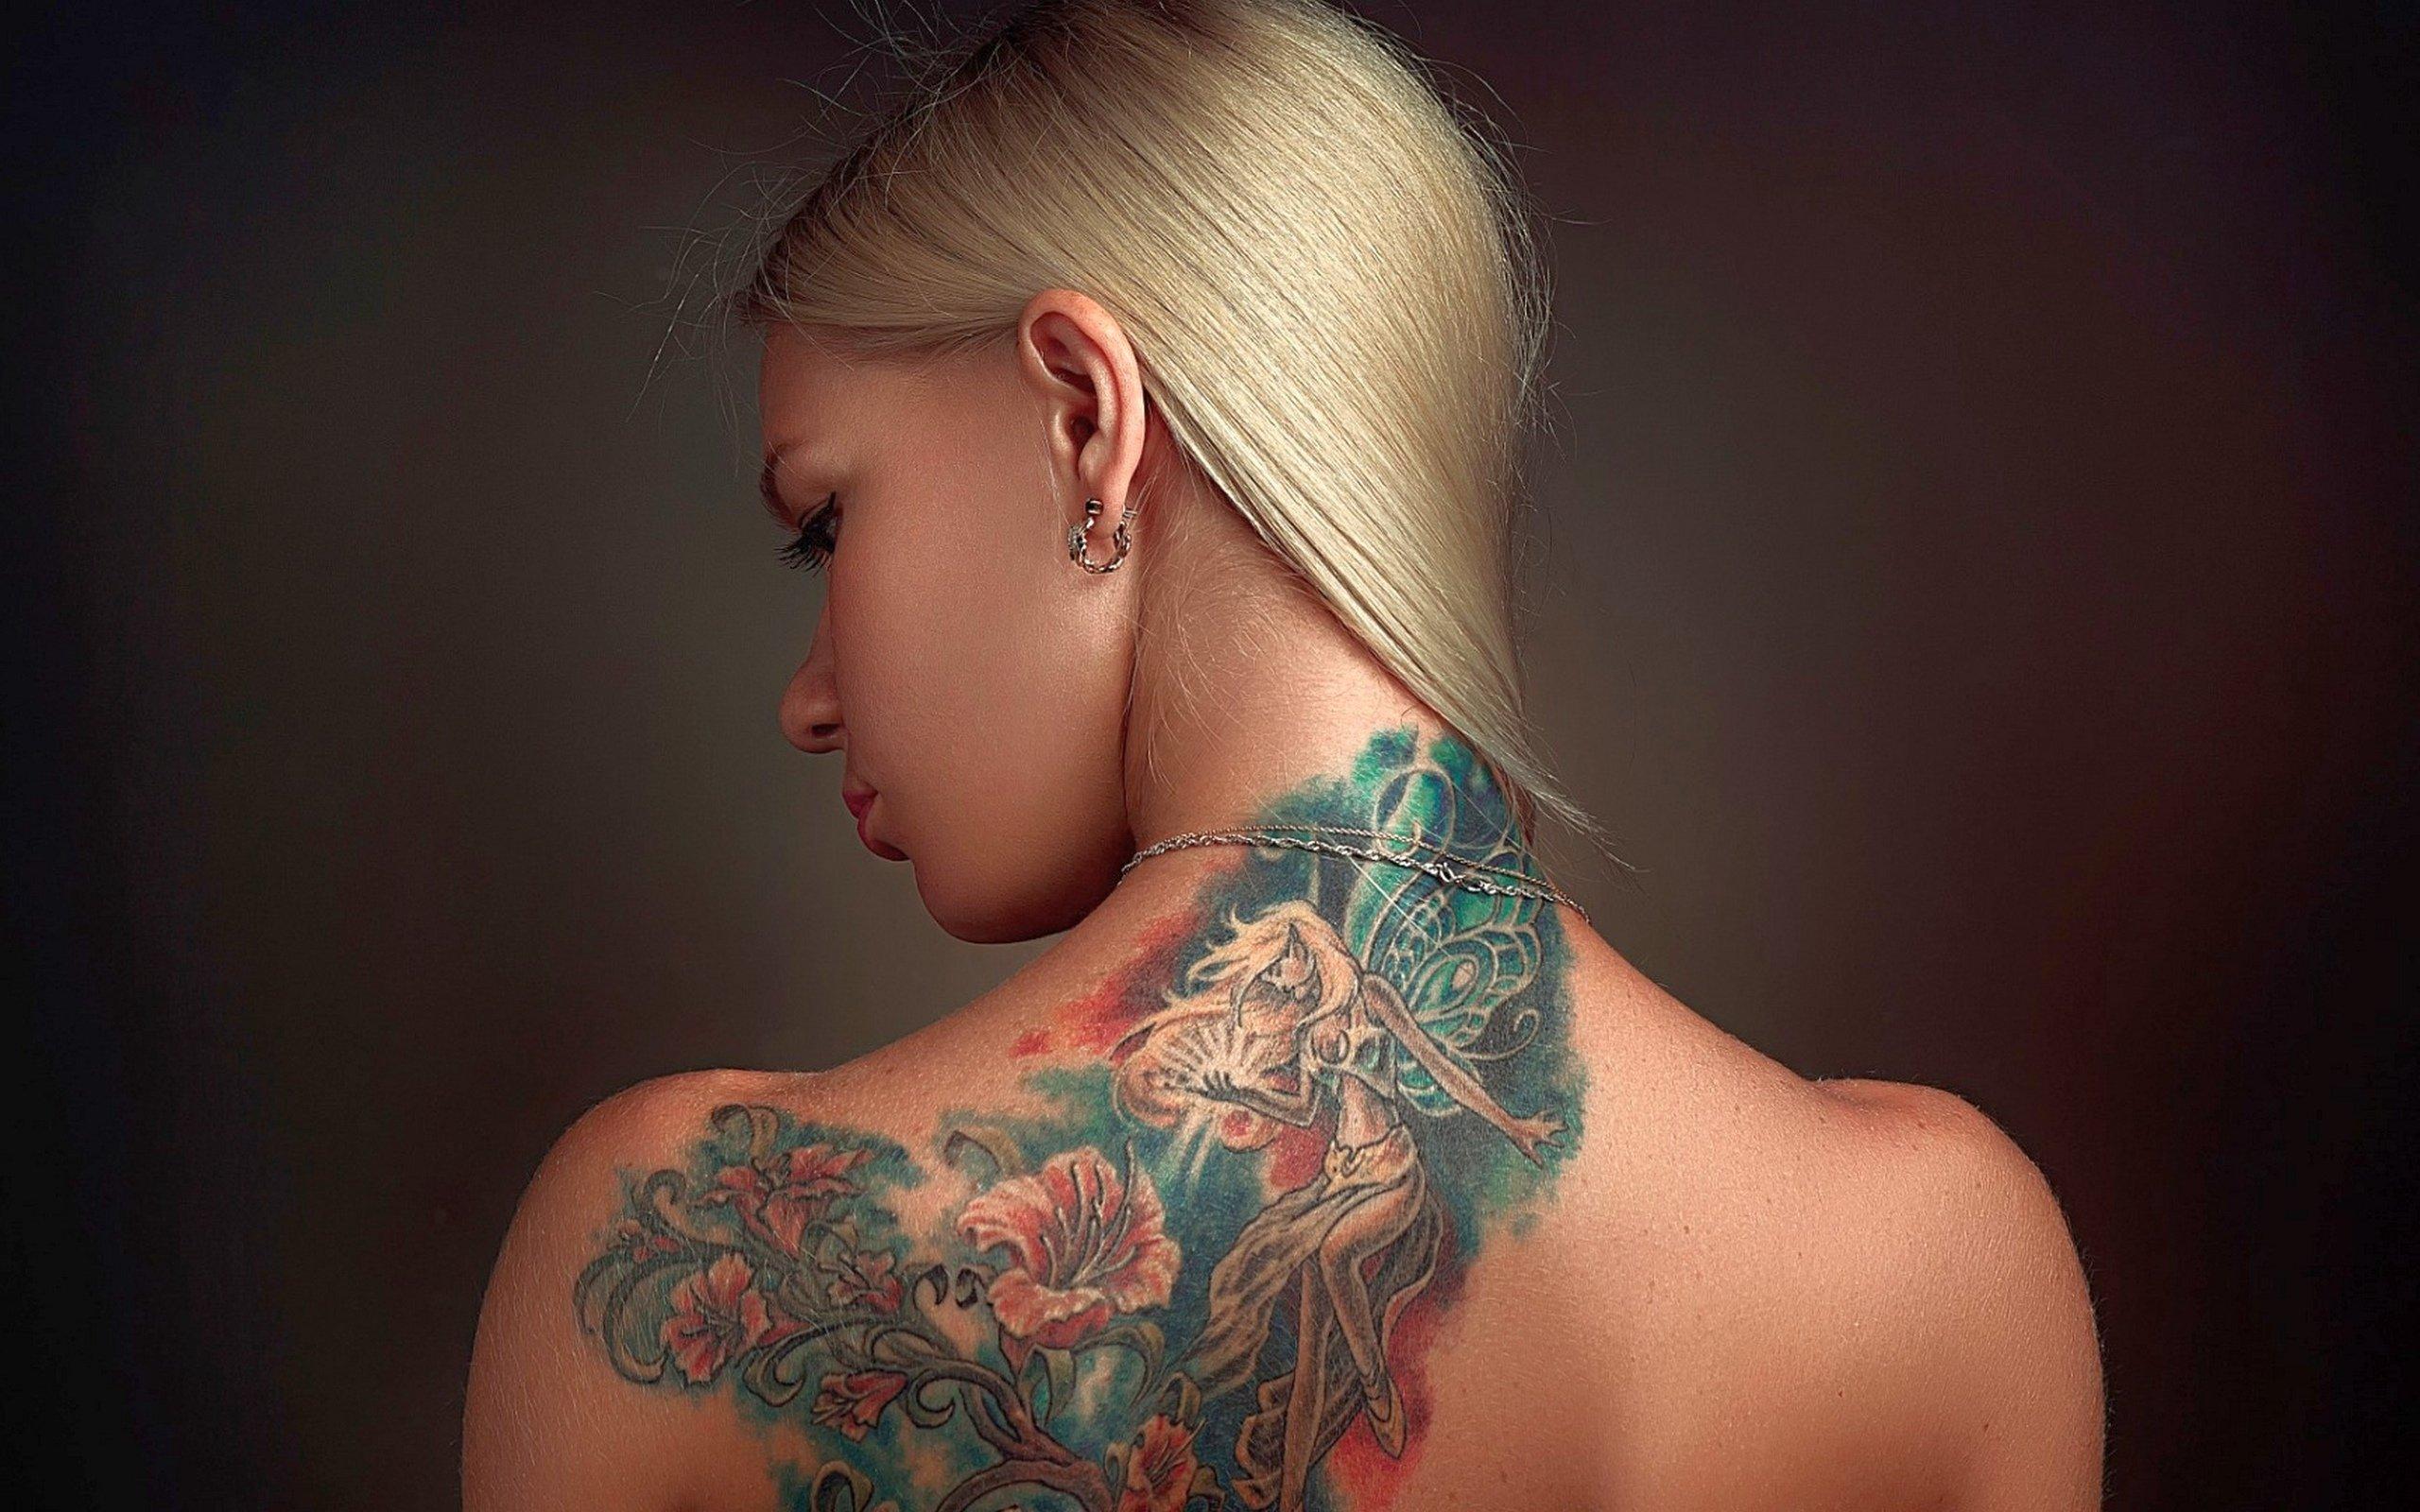 Стили татуировок. все о направлениях и стилях тату на портале tattoo-masters